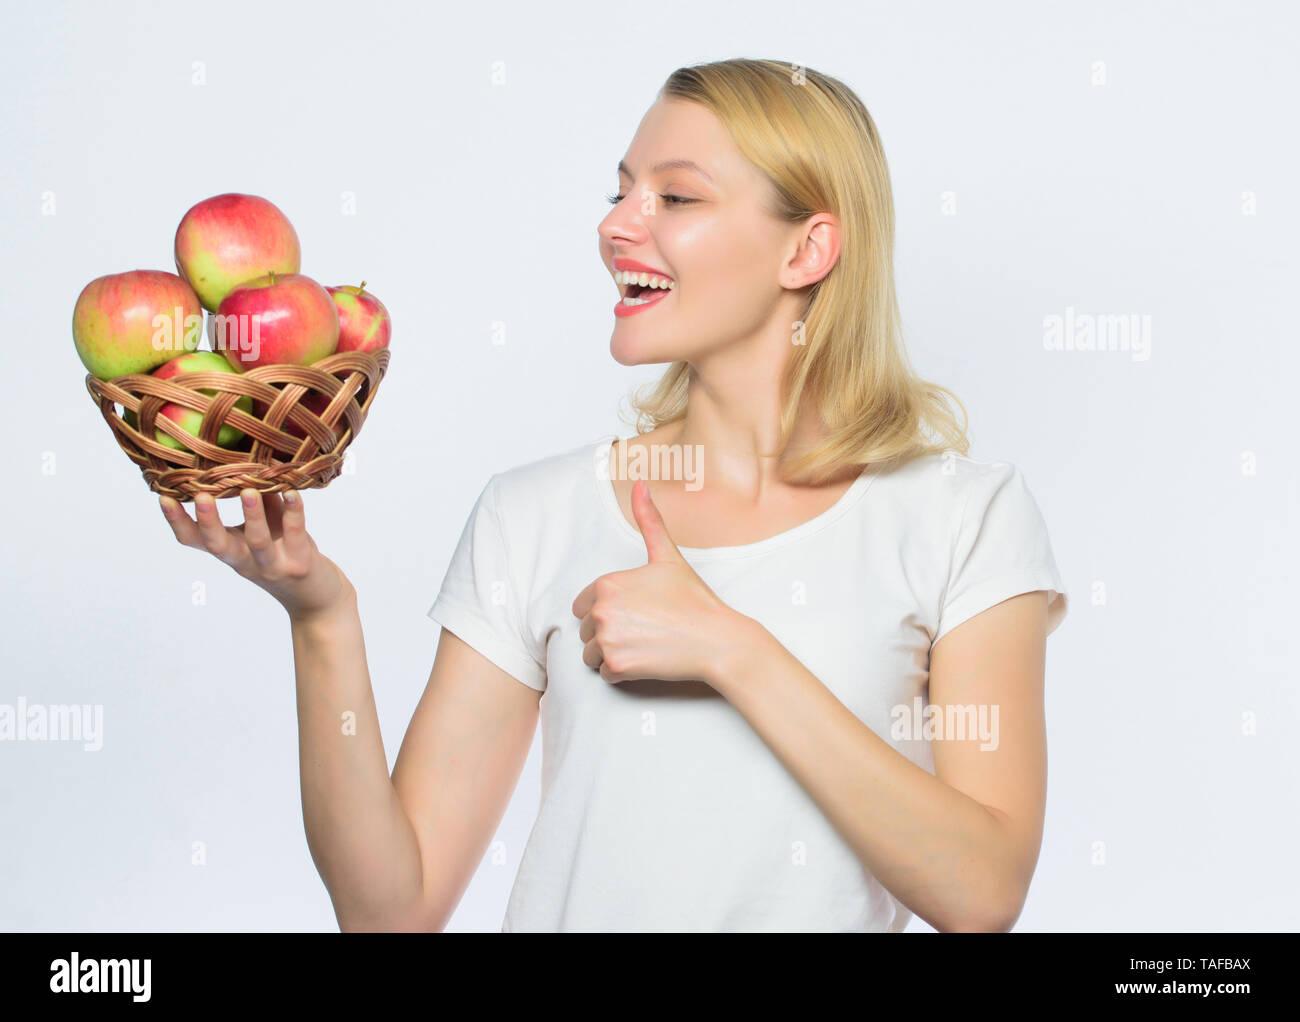 Mit der Idee zu kochen. Mädchen leben gesundes Leben. Apple Bio-obst. Essen Sie gesund. Gute Apple Pies beträchtlicher Teil der häuslichen Glück. Frau, die Äpfel. Backen Apfelkuchen. Leckere Rezepte. Stockbild